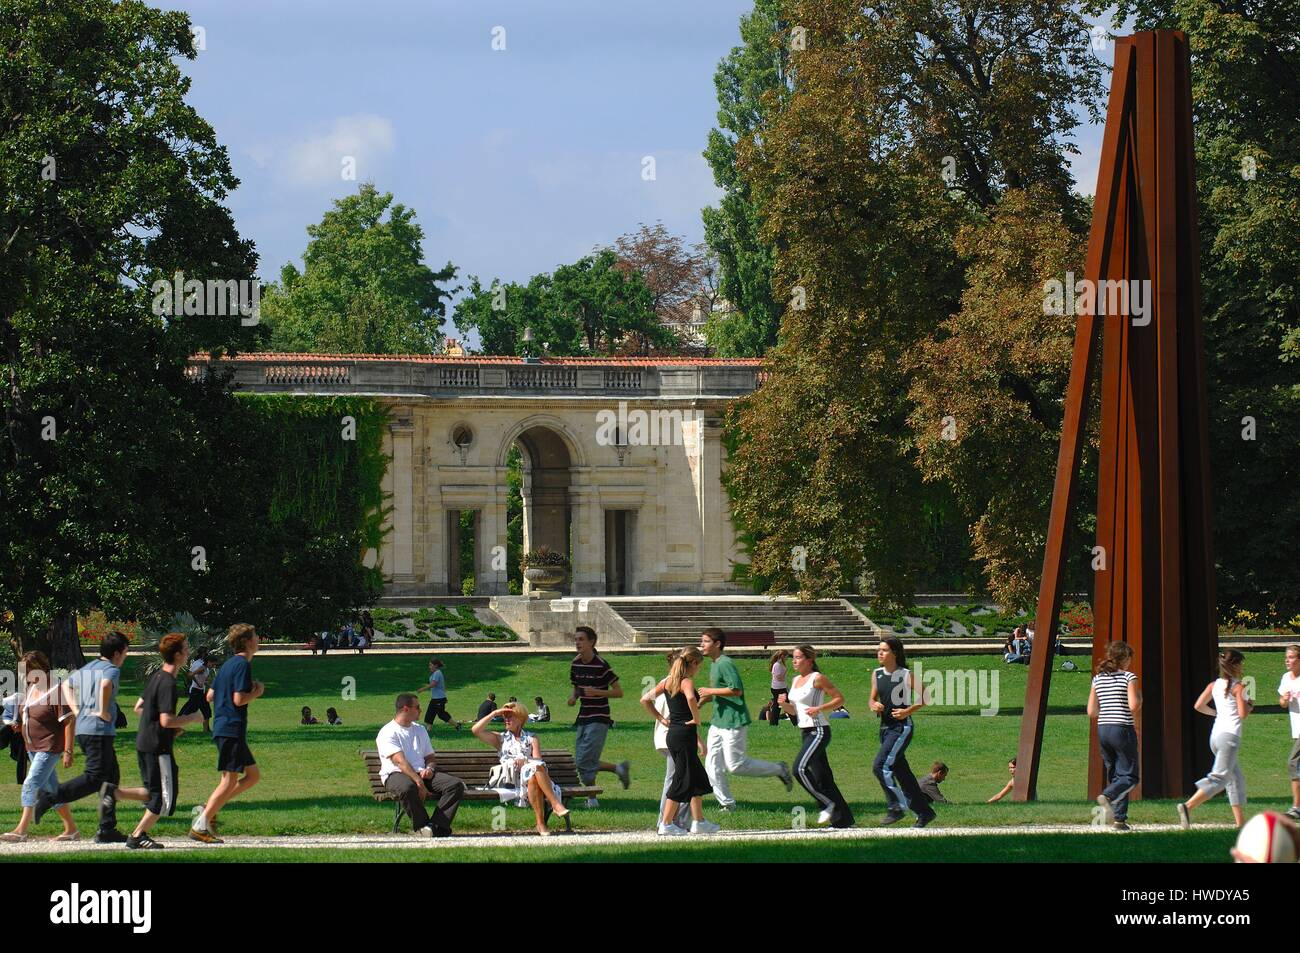 jardin public public park bordeaux stock photos jardin public public park bordeaux stock. Black Bedroom Furniture Sets. Home Design Ideas